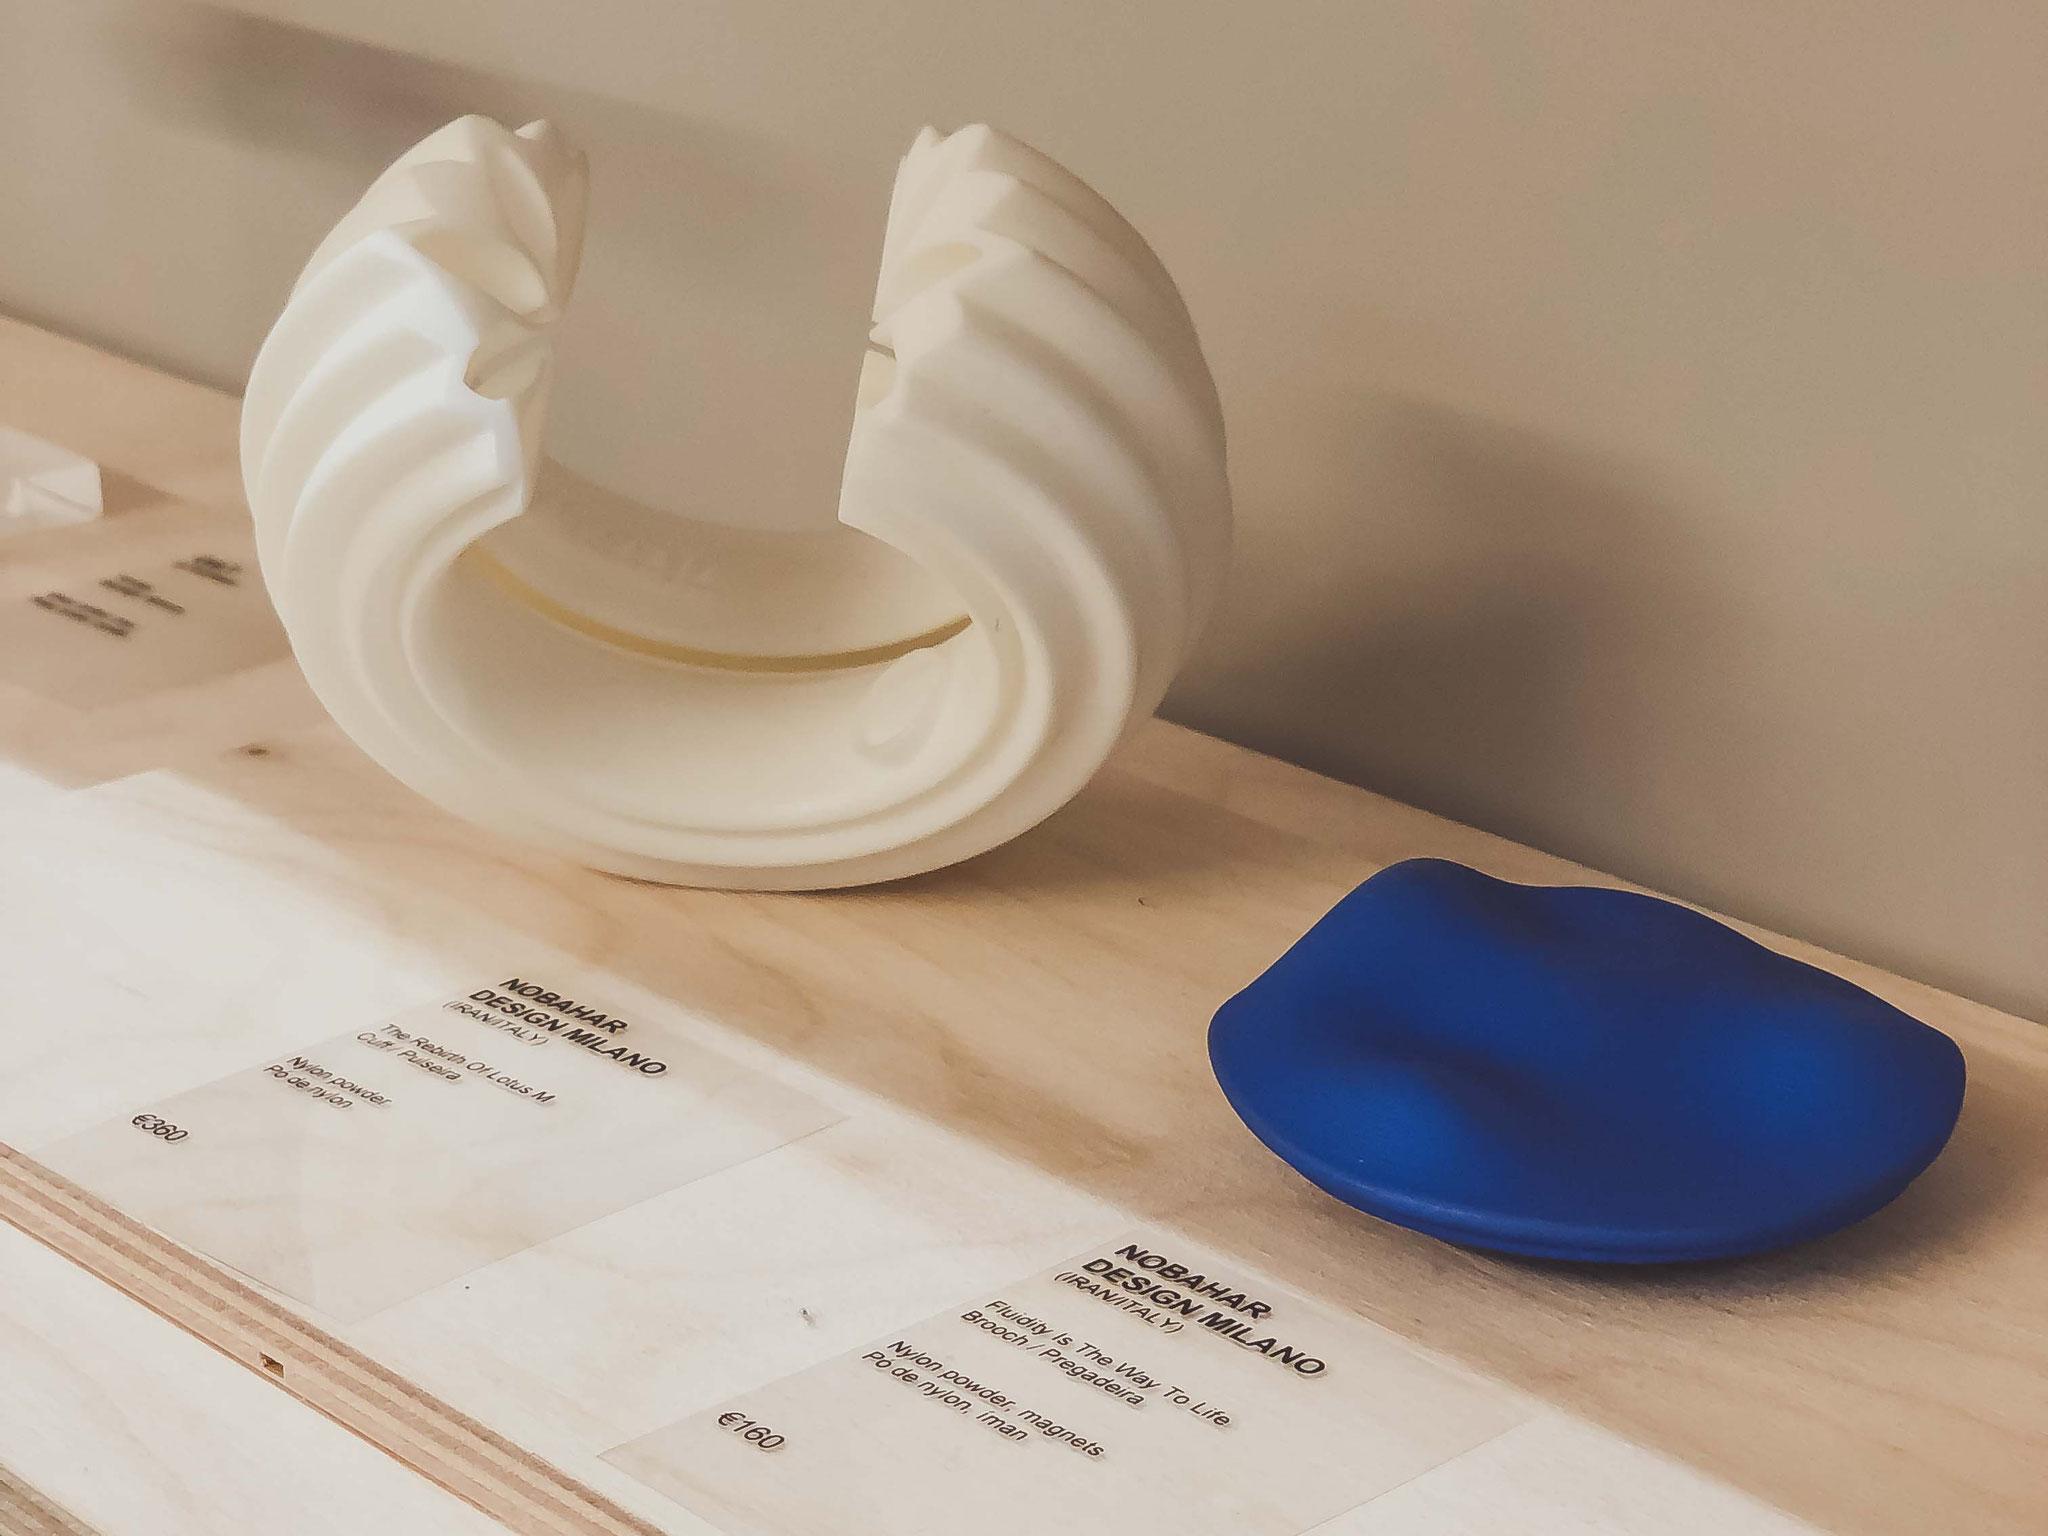 Nobahar Design Milano - Italy/Iran